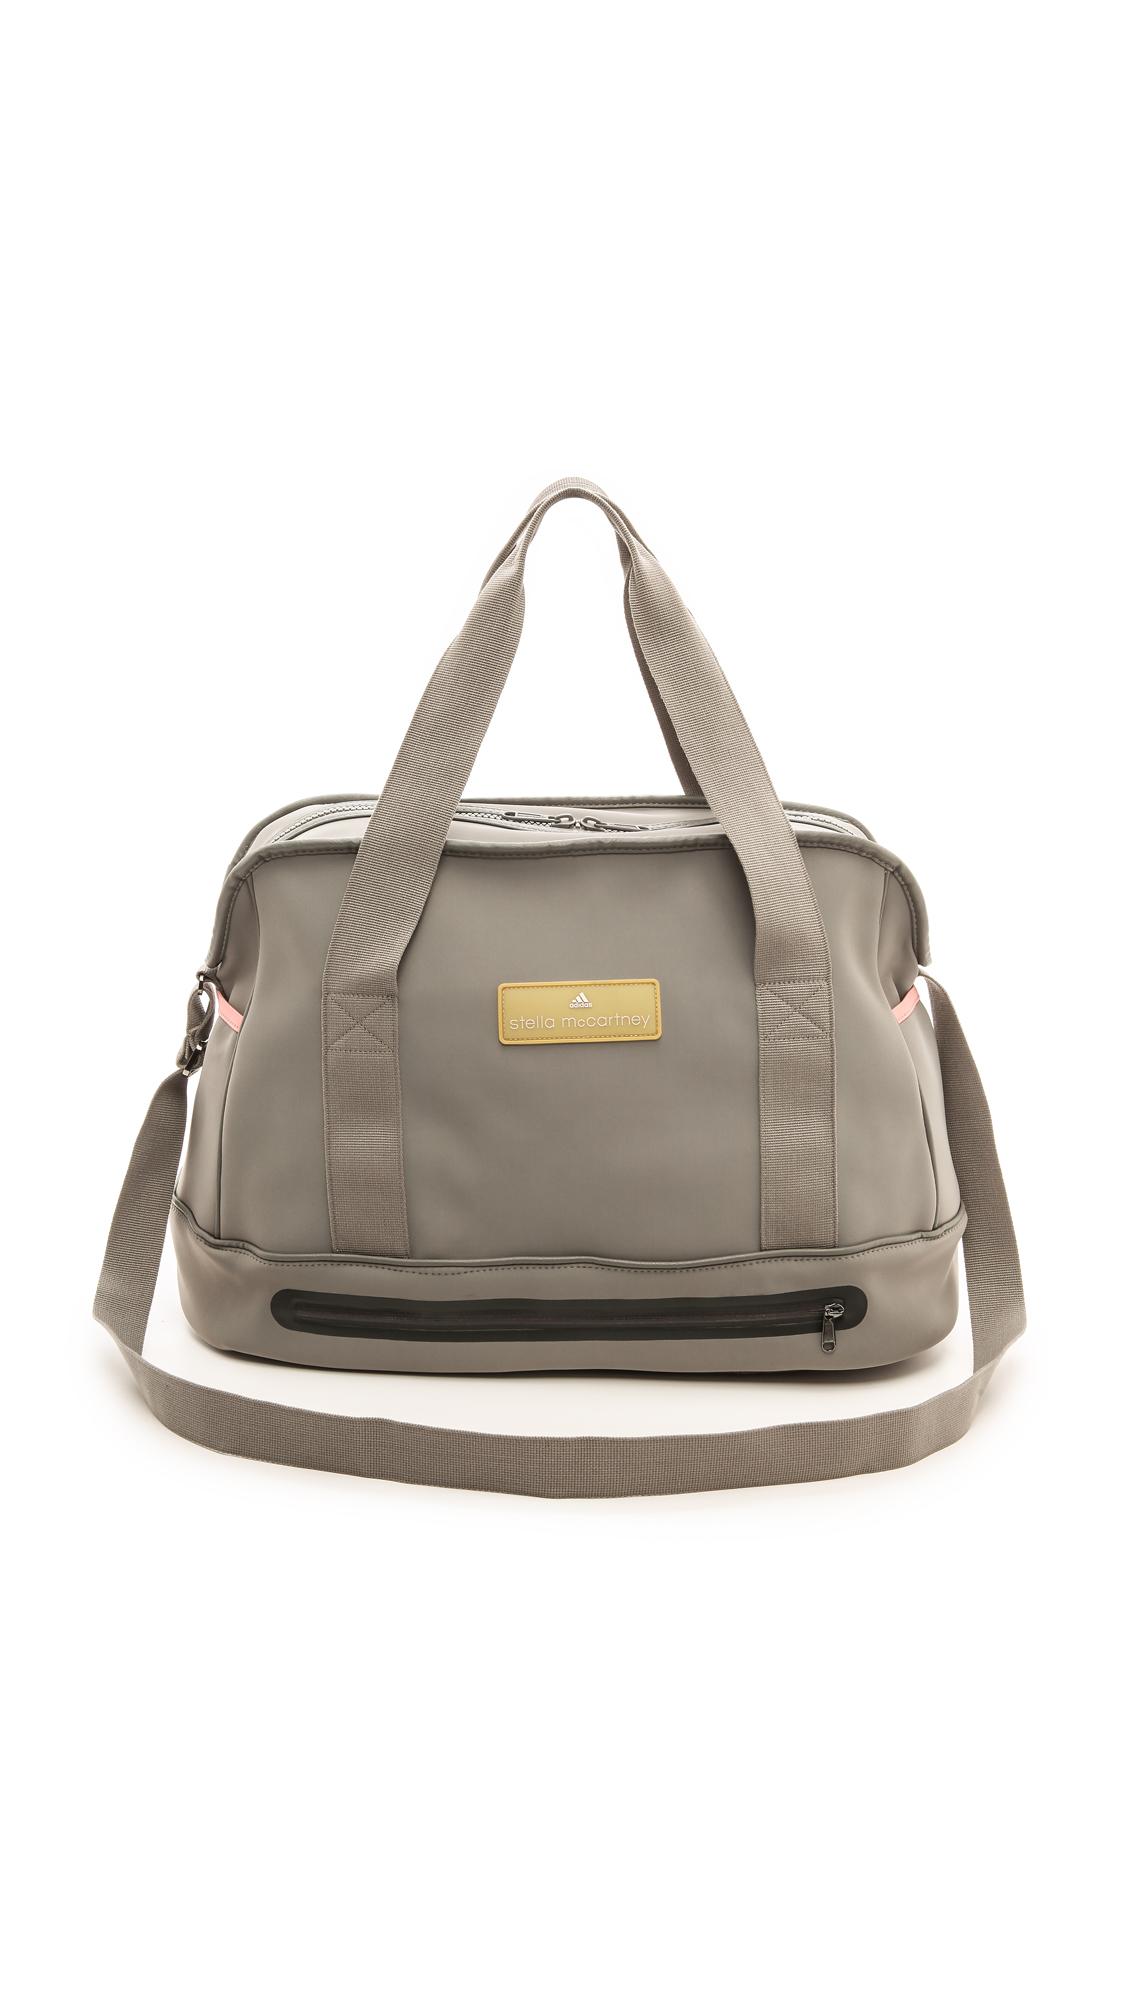 adidas by Stella McCartney Large Gym Bag   SHOPBOP 2260a556f3